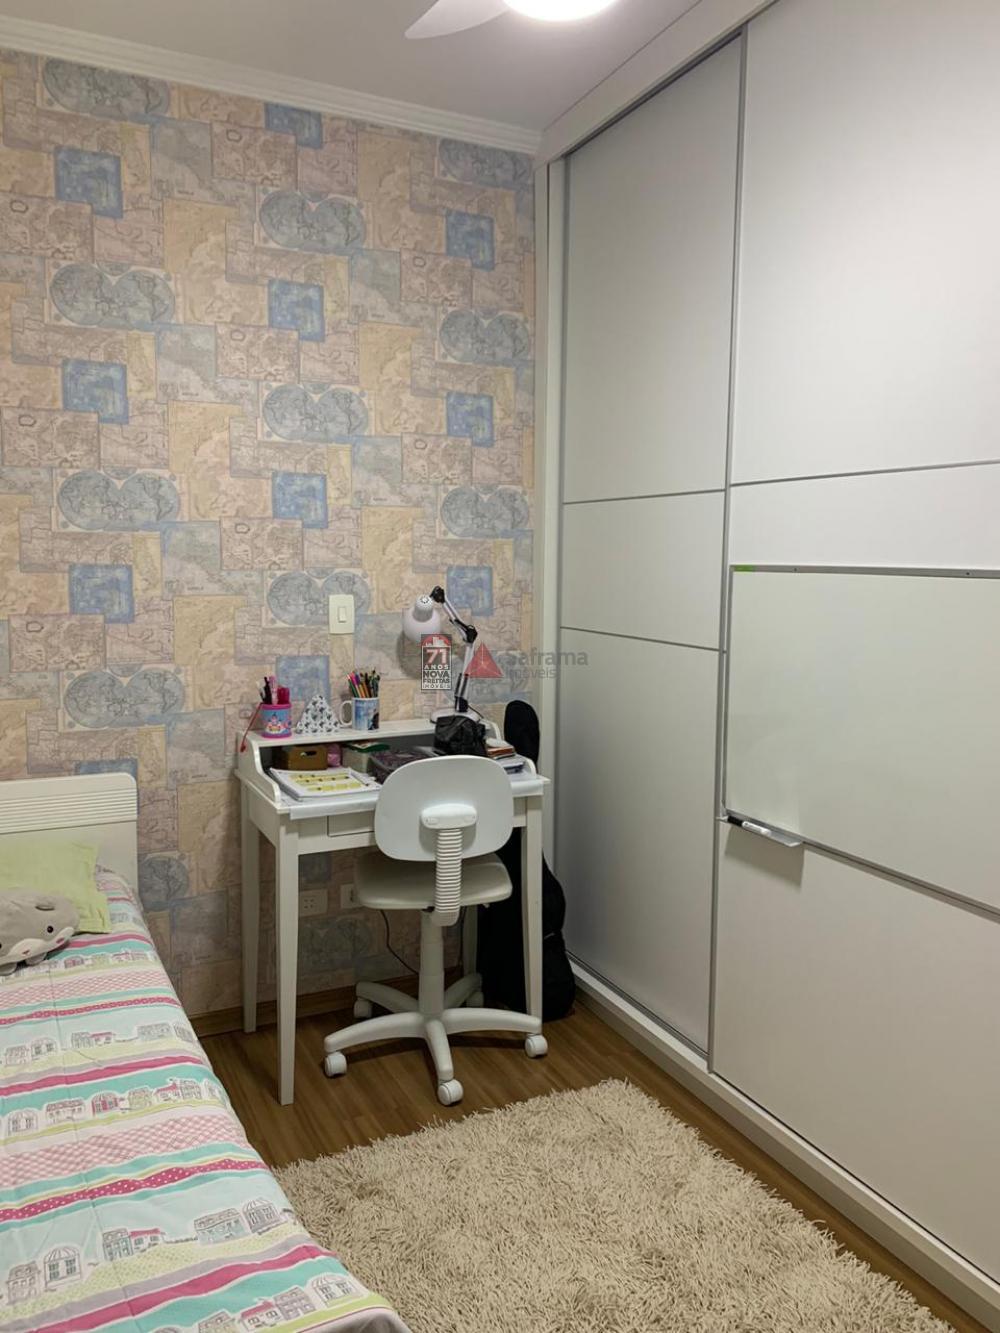 Comprar Apartamento / Padrão em São José dos Campos apenas R$ 770.000,00 - Foto 12